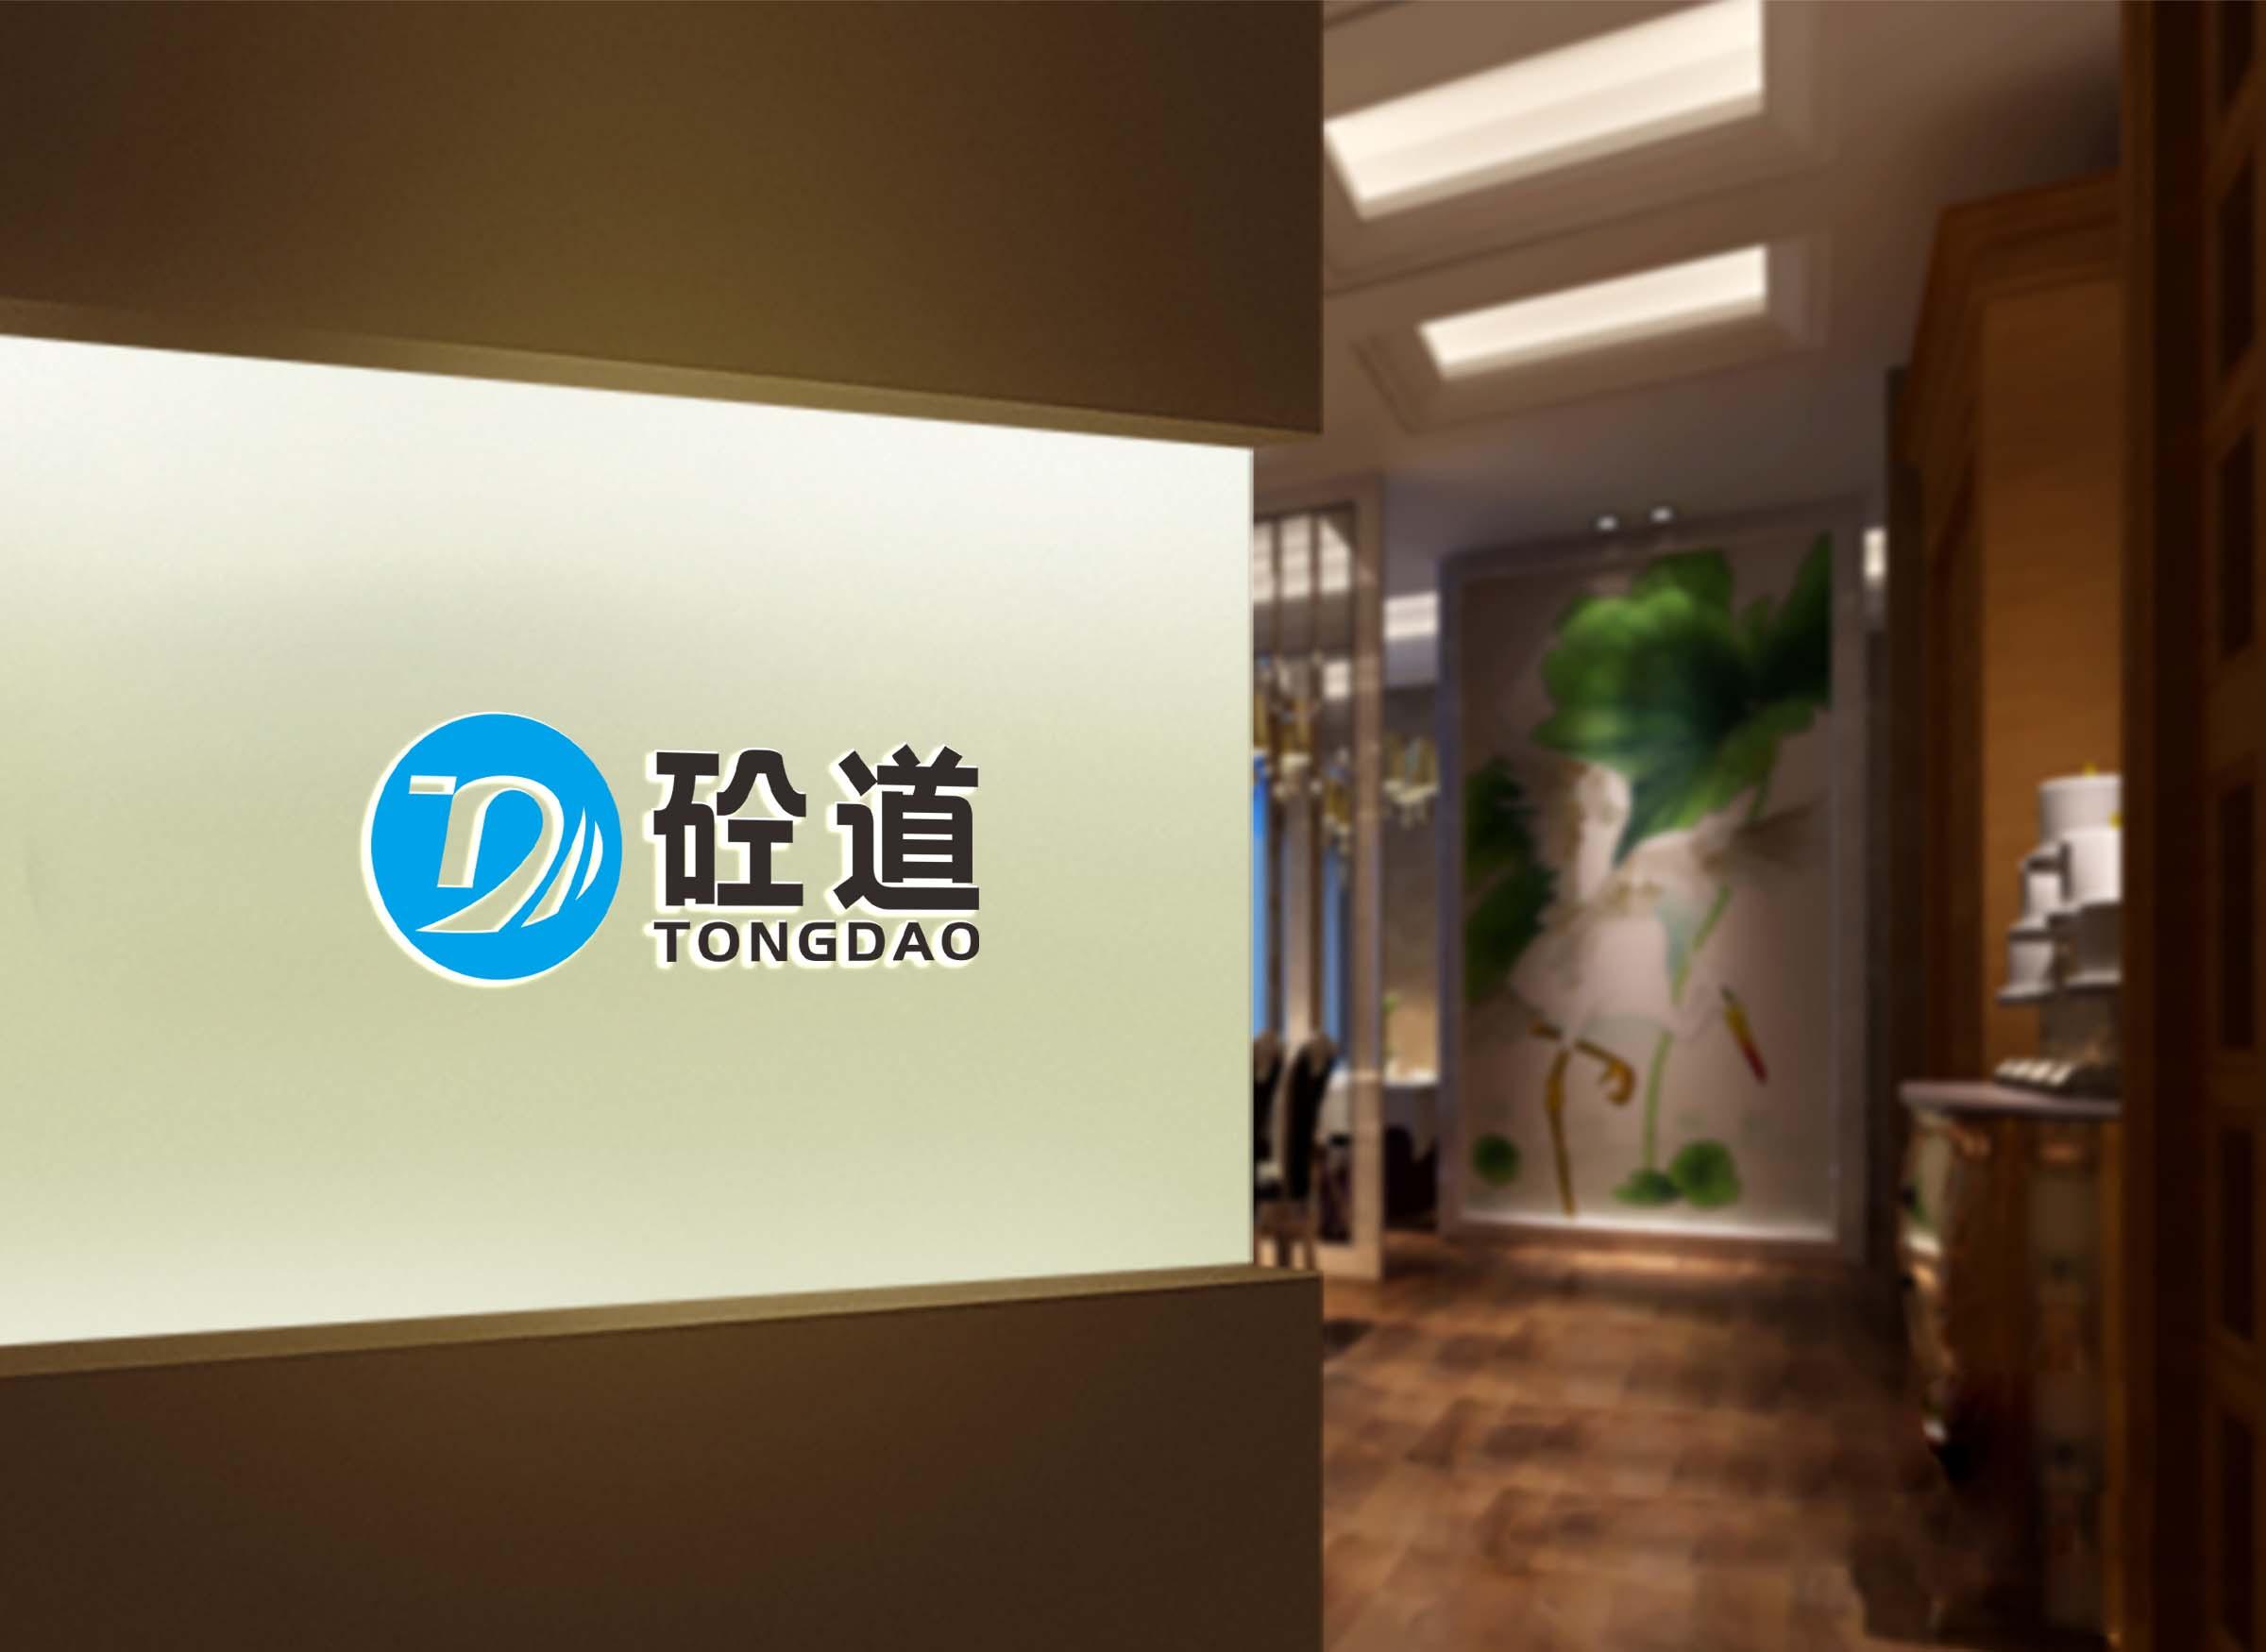 产品Logo设计_3033327_k68威客网